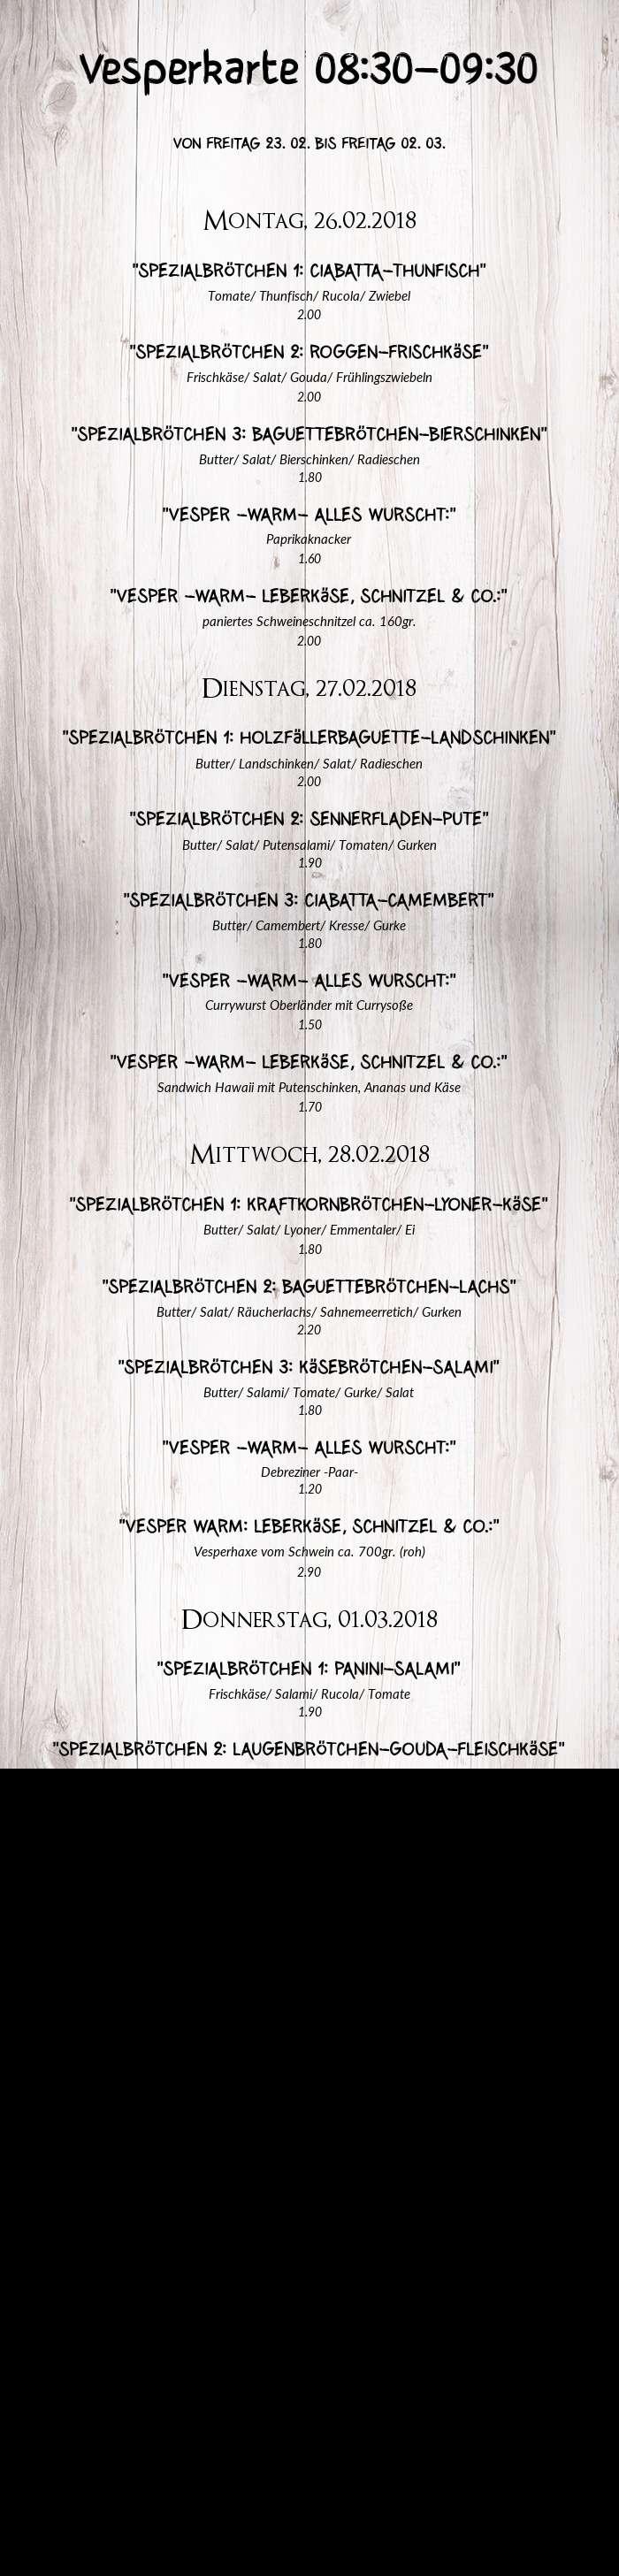 Bild zur Nachricht von INDEX-Werke Reichenbach